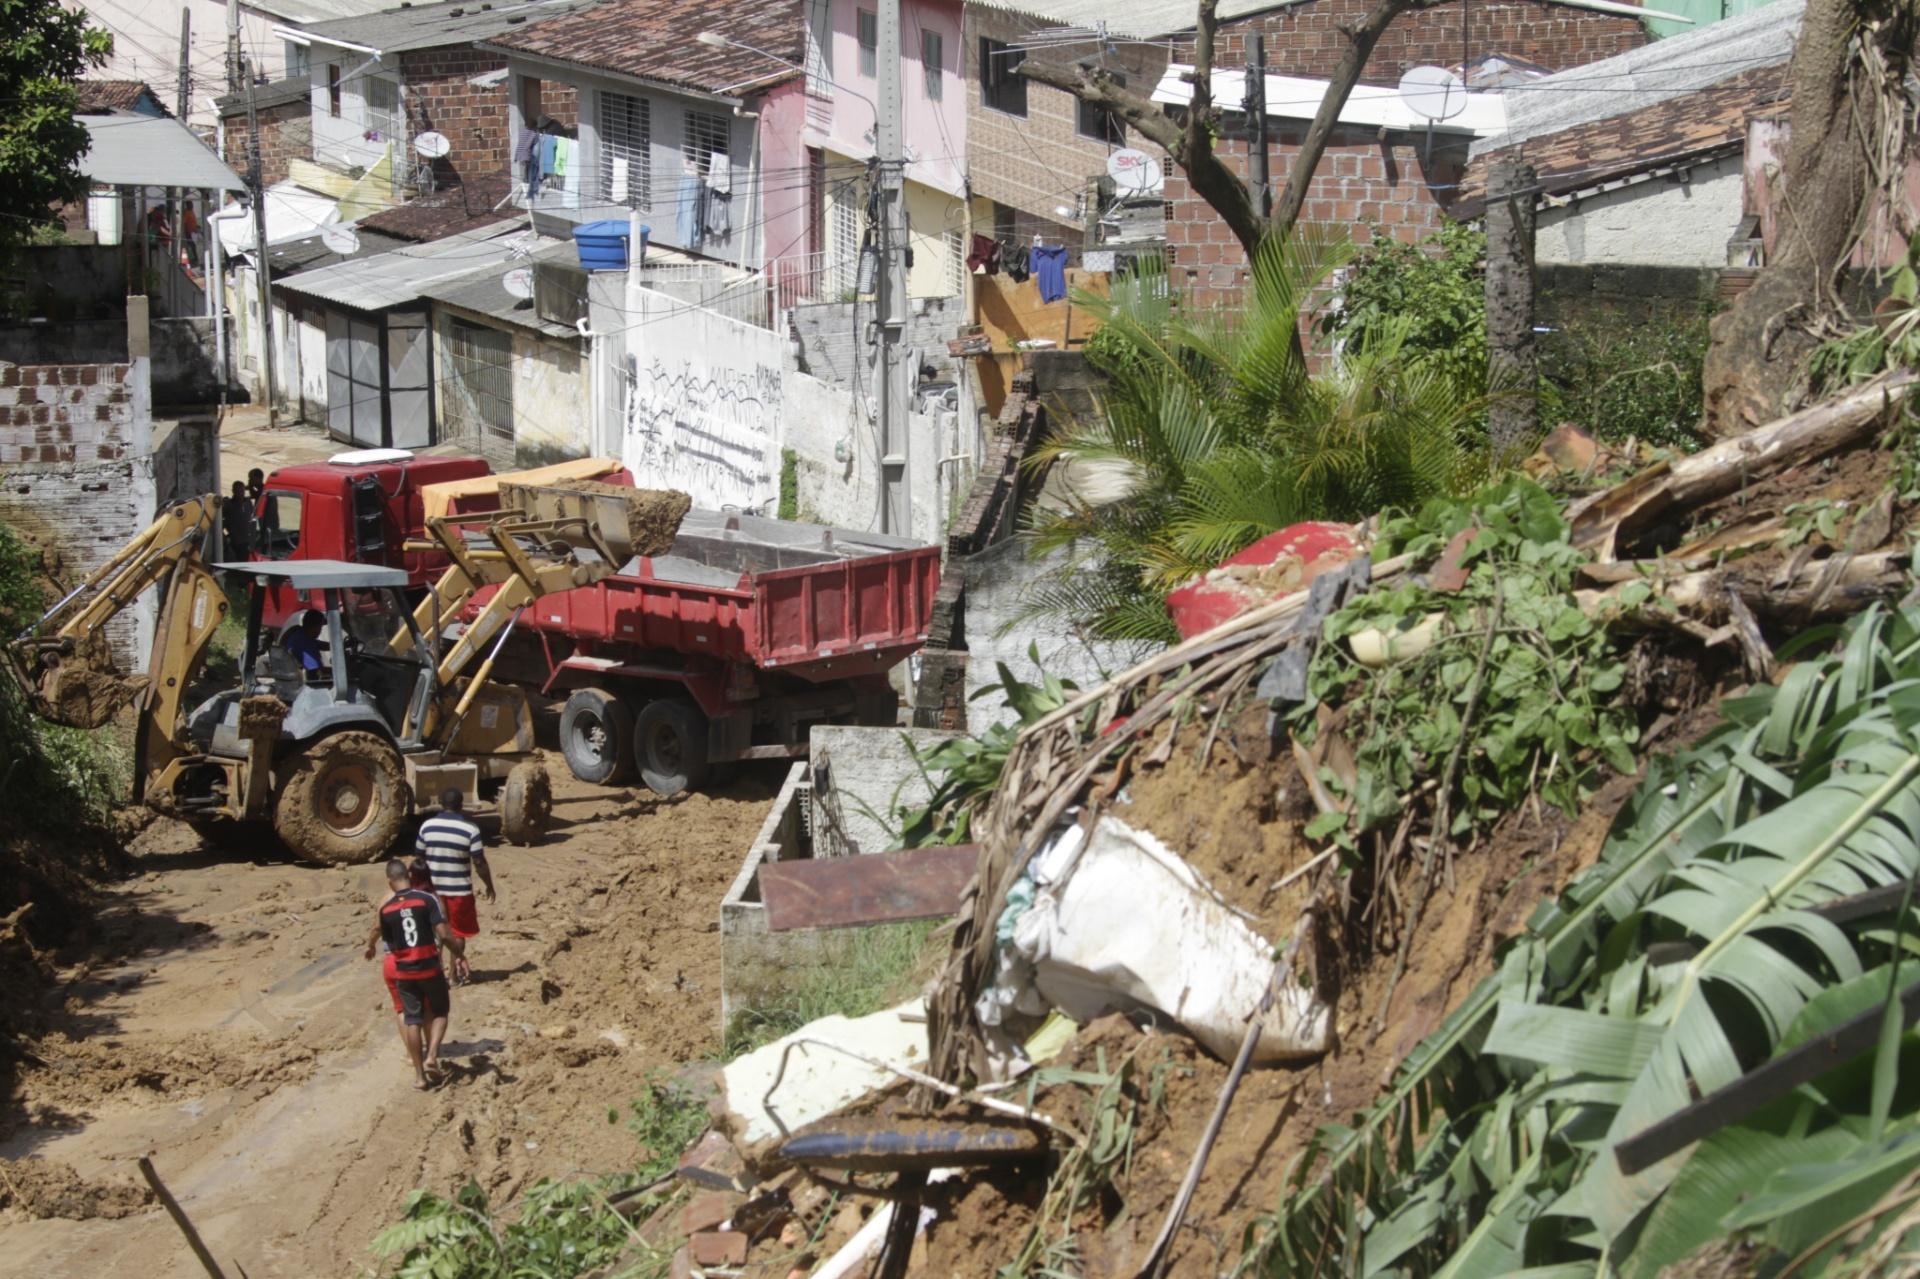 31.mai.2016 - A forte chuva que atingiu o bairro de Águas Compridas, em Olinda, nesta segunda-feira (30) causou deslizamento de terra. Balanço feito pela Agência Pernambucana de Águas mostrou que até as 17hs de ontem foram registrados 138 chamados, sendo, 79 ocorrências de alagamentos, além de 24 deslizamentos e nove quedas de árvores. Ao menos seis pessoas morreram no Grande Recife